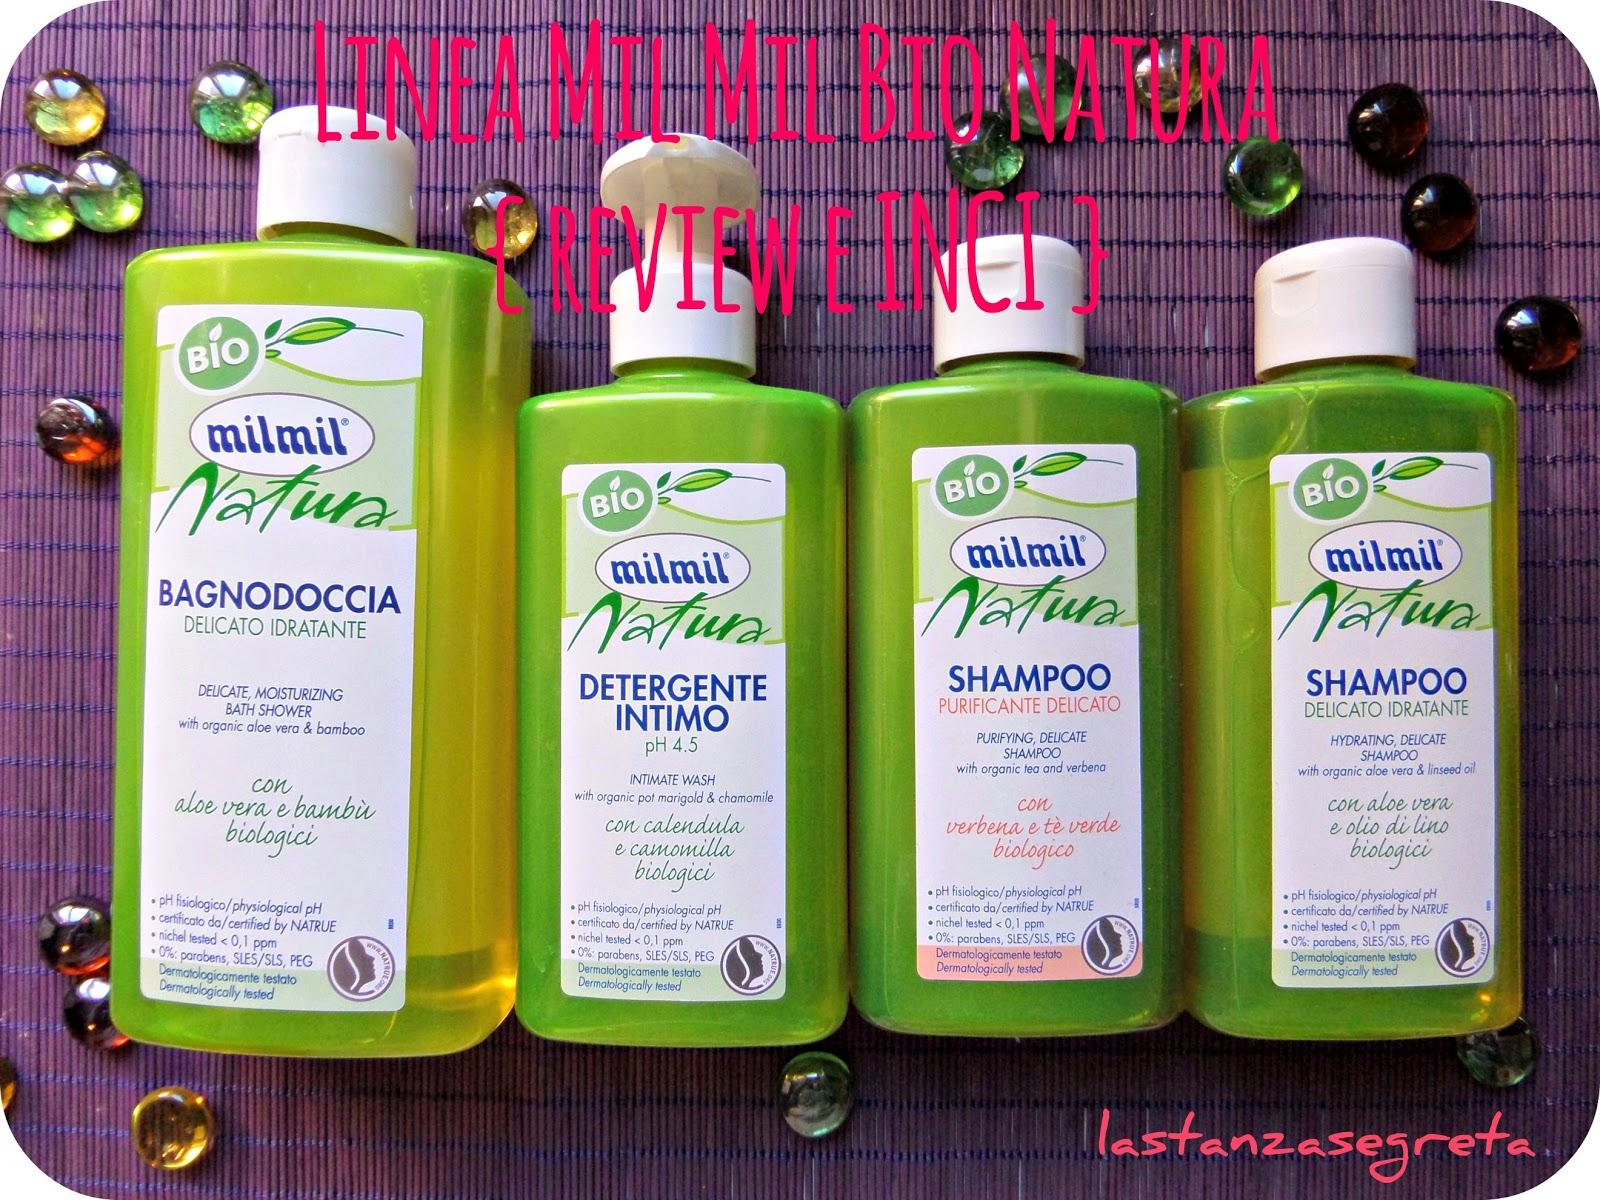 Bagnoschiuma Bio : Supermercati&co.] mil mil bio natura { preview } lastanzasegreta